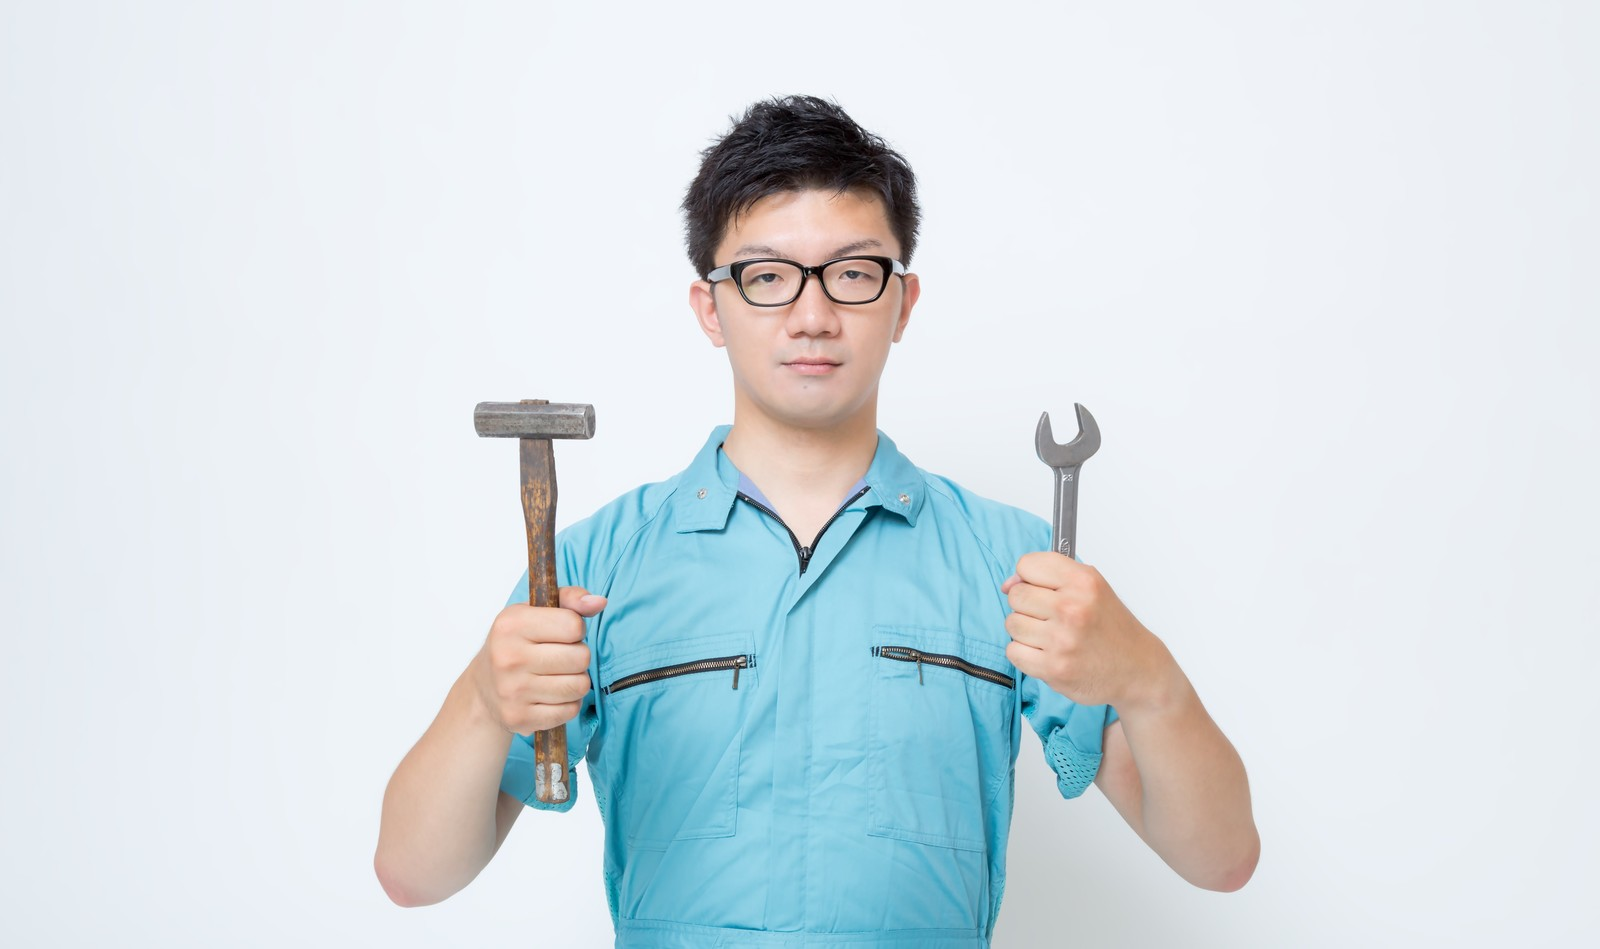 「使い古したハンマーとスパナを両手に持つ作業着の男性 | 写真の無料素材・フリー素材 - ぱくたそ」の写真[モデル:OZPA]